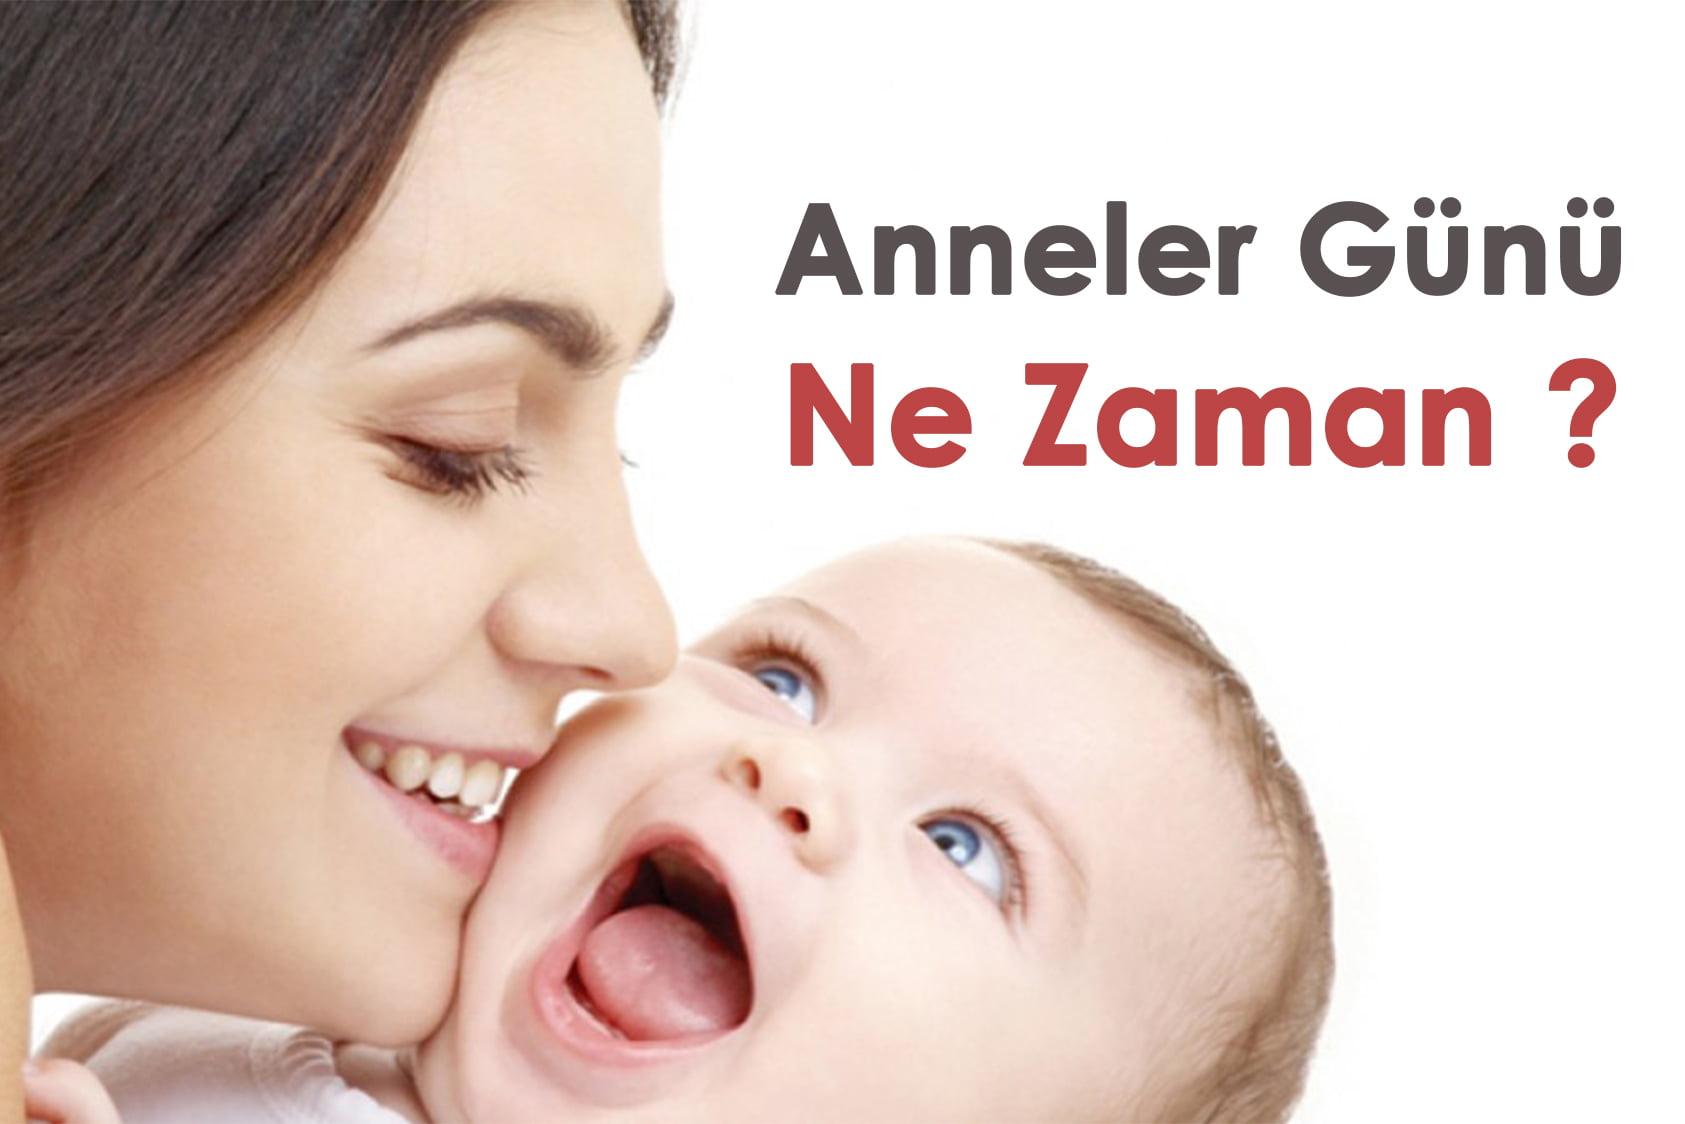 2018 Anneler Günü Ne Zaman ? Anneler Günü Ne Zaman Kutlanacak